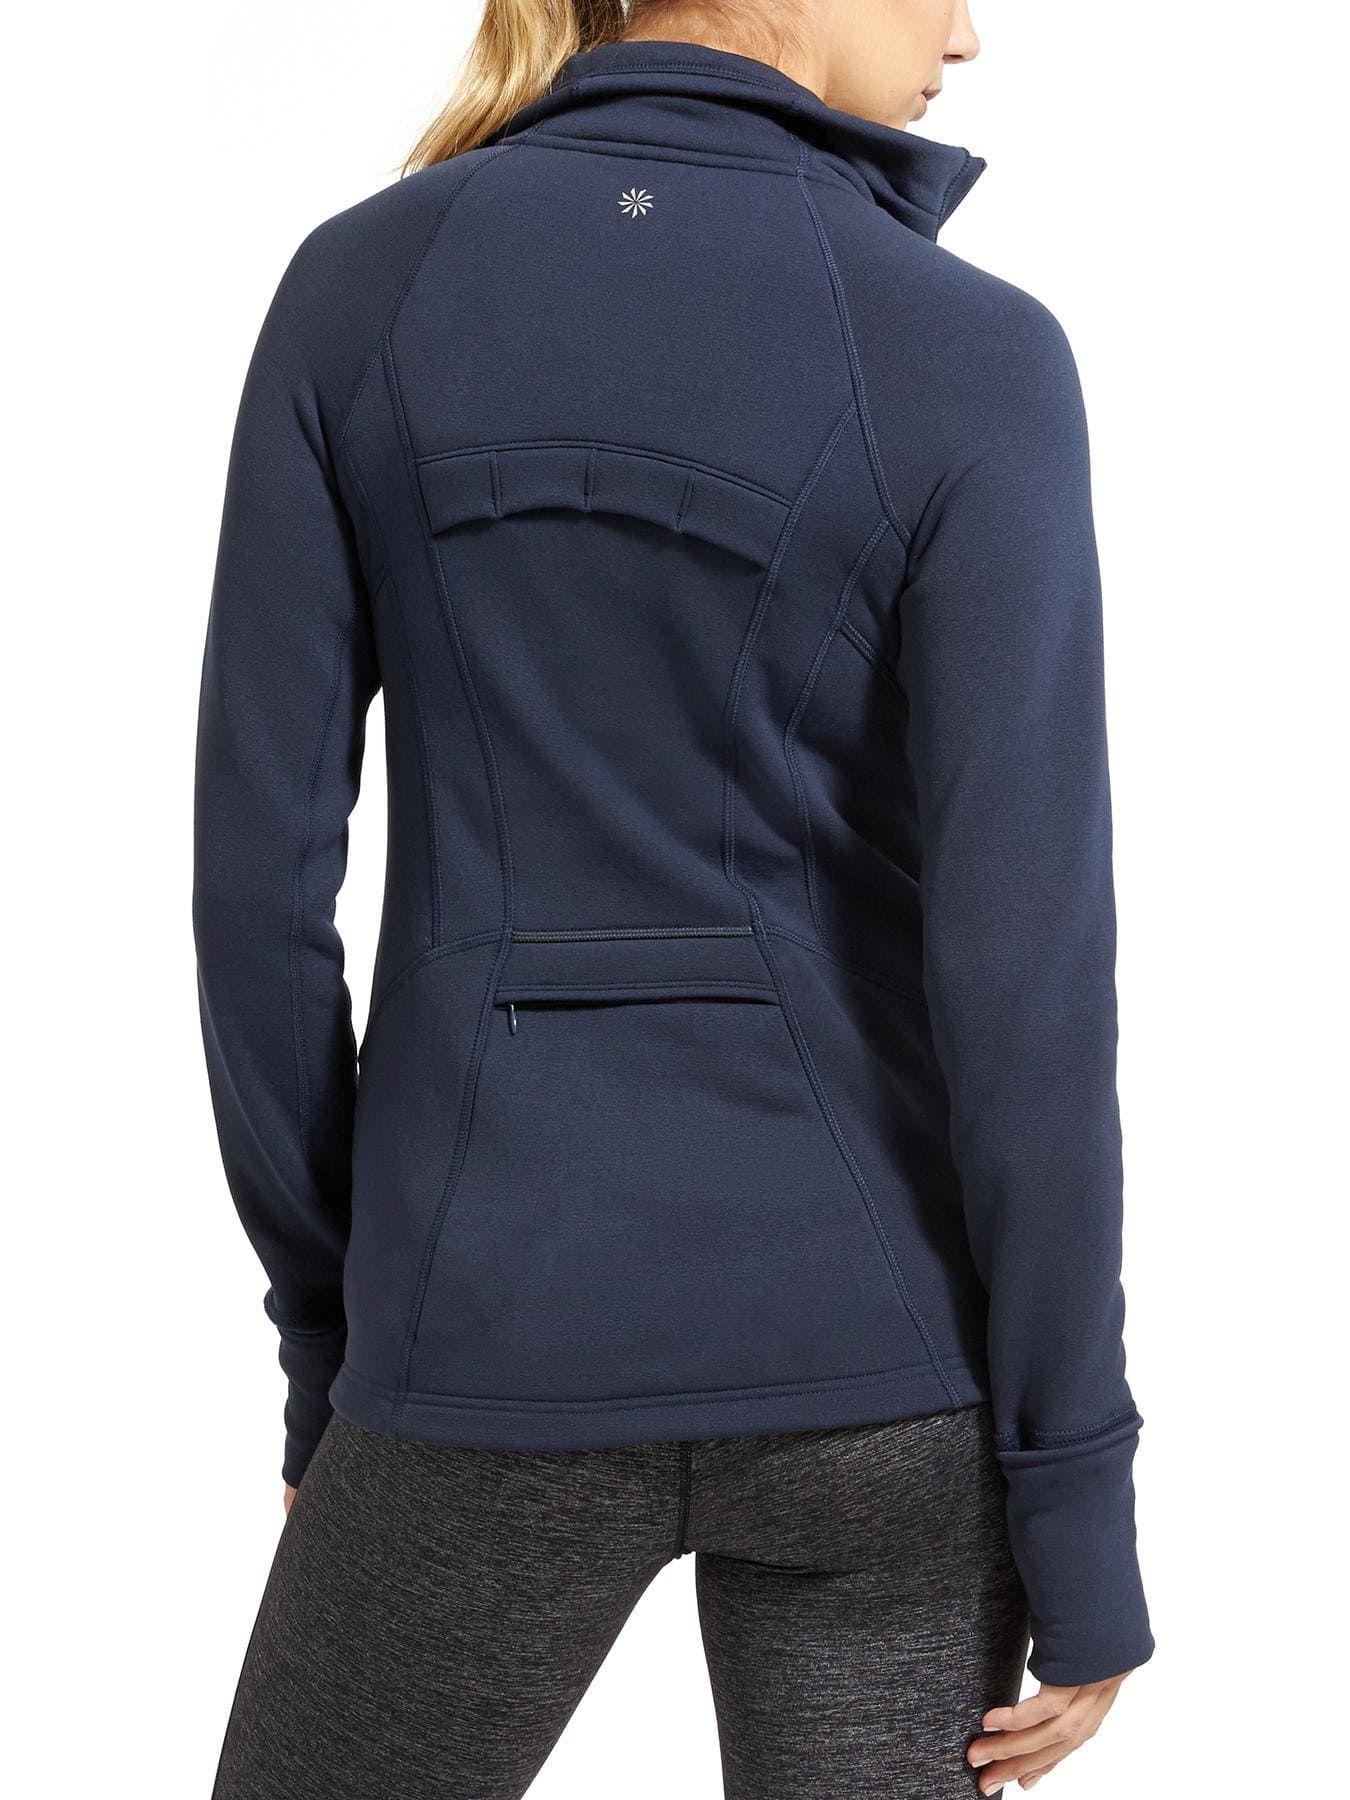 product photo Fashion, Athletic jacket